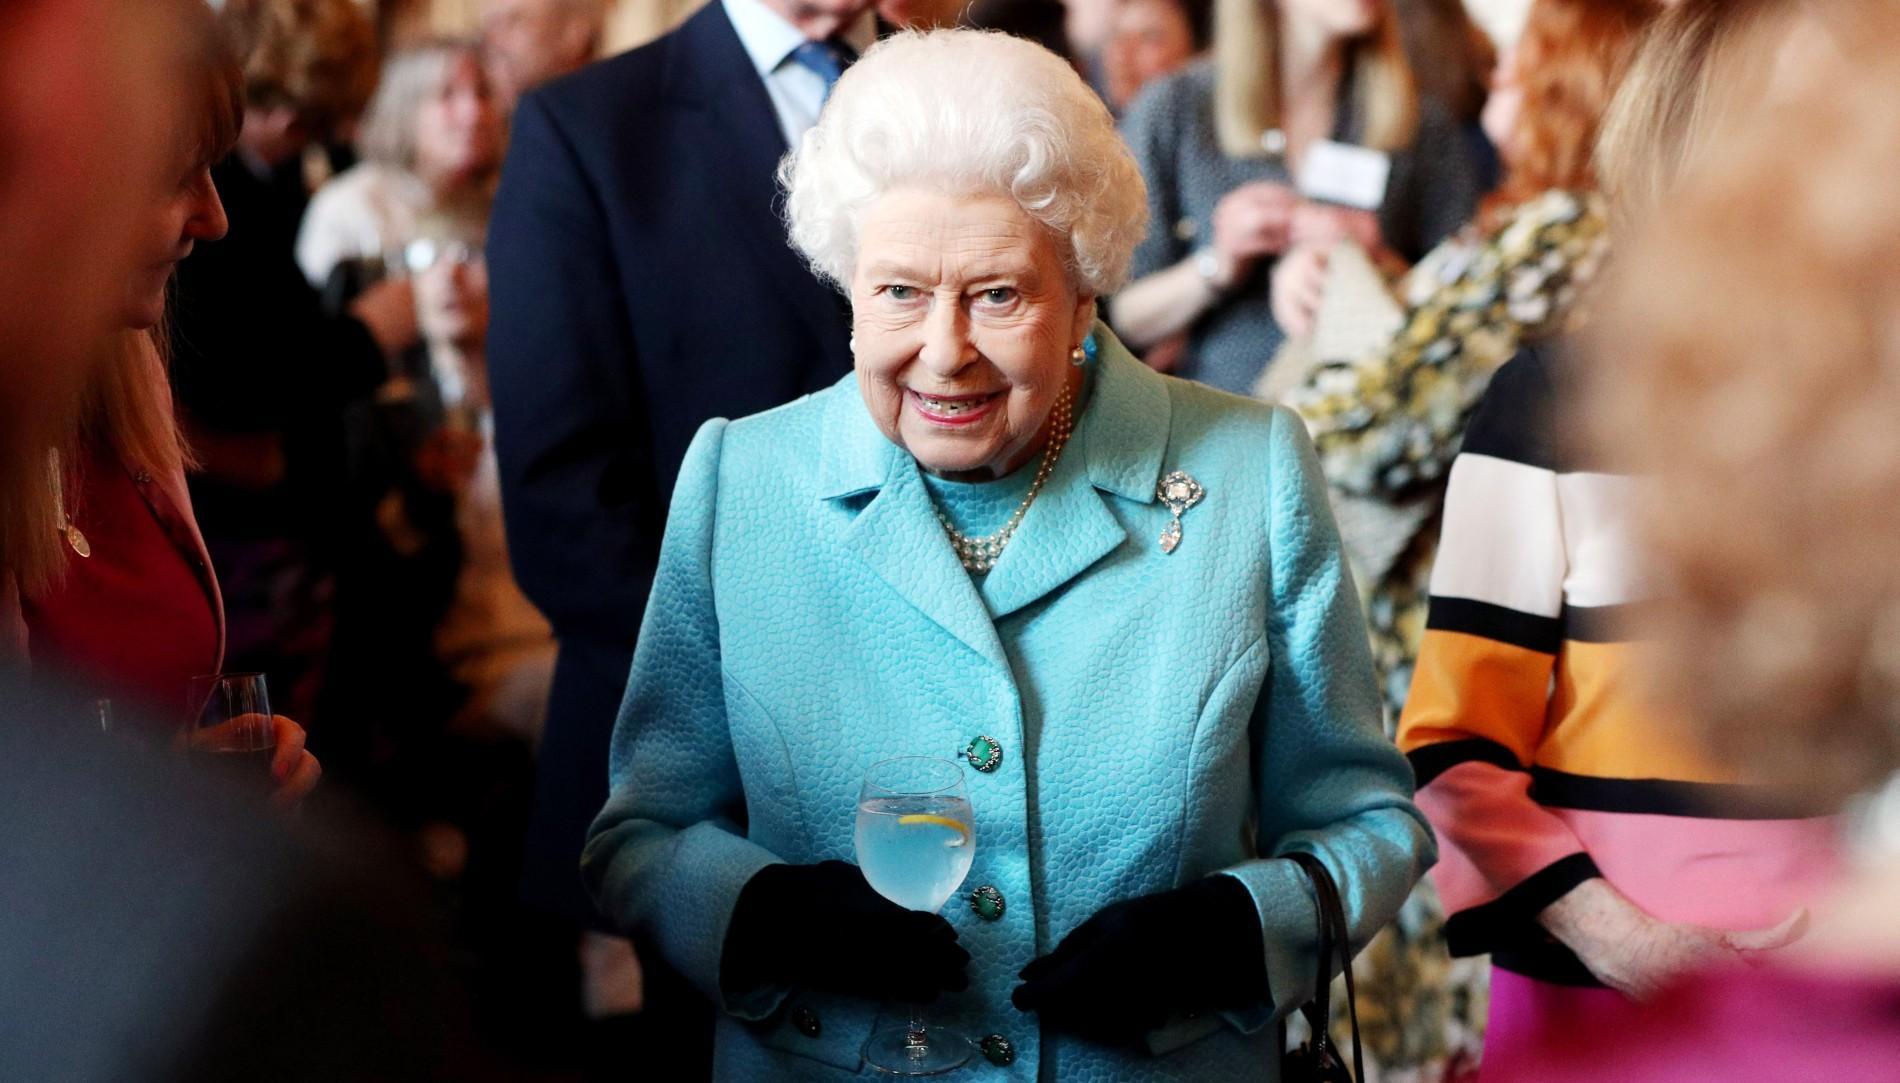 """Elizabeth II à la recherche d'un chef spécialisé en """"cuisine française"""""""